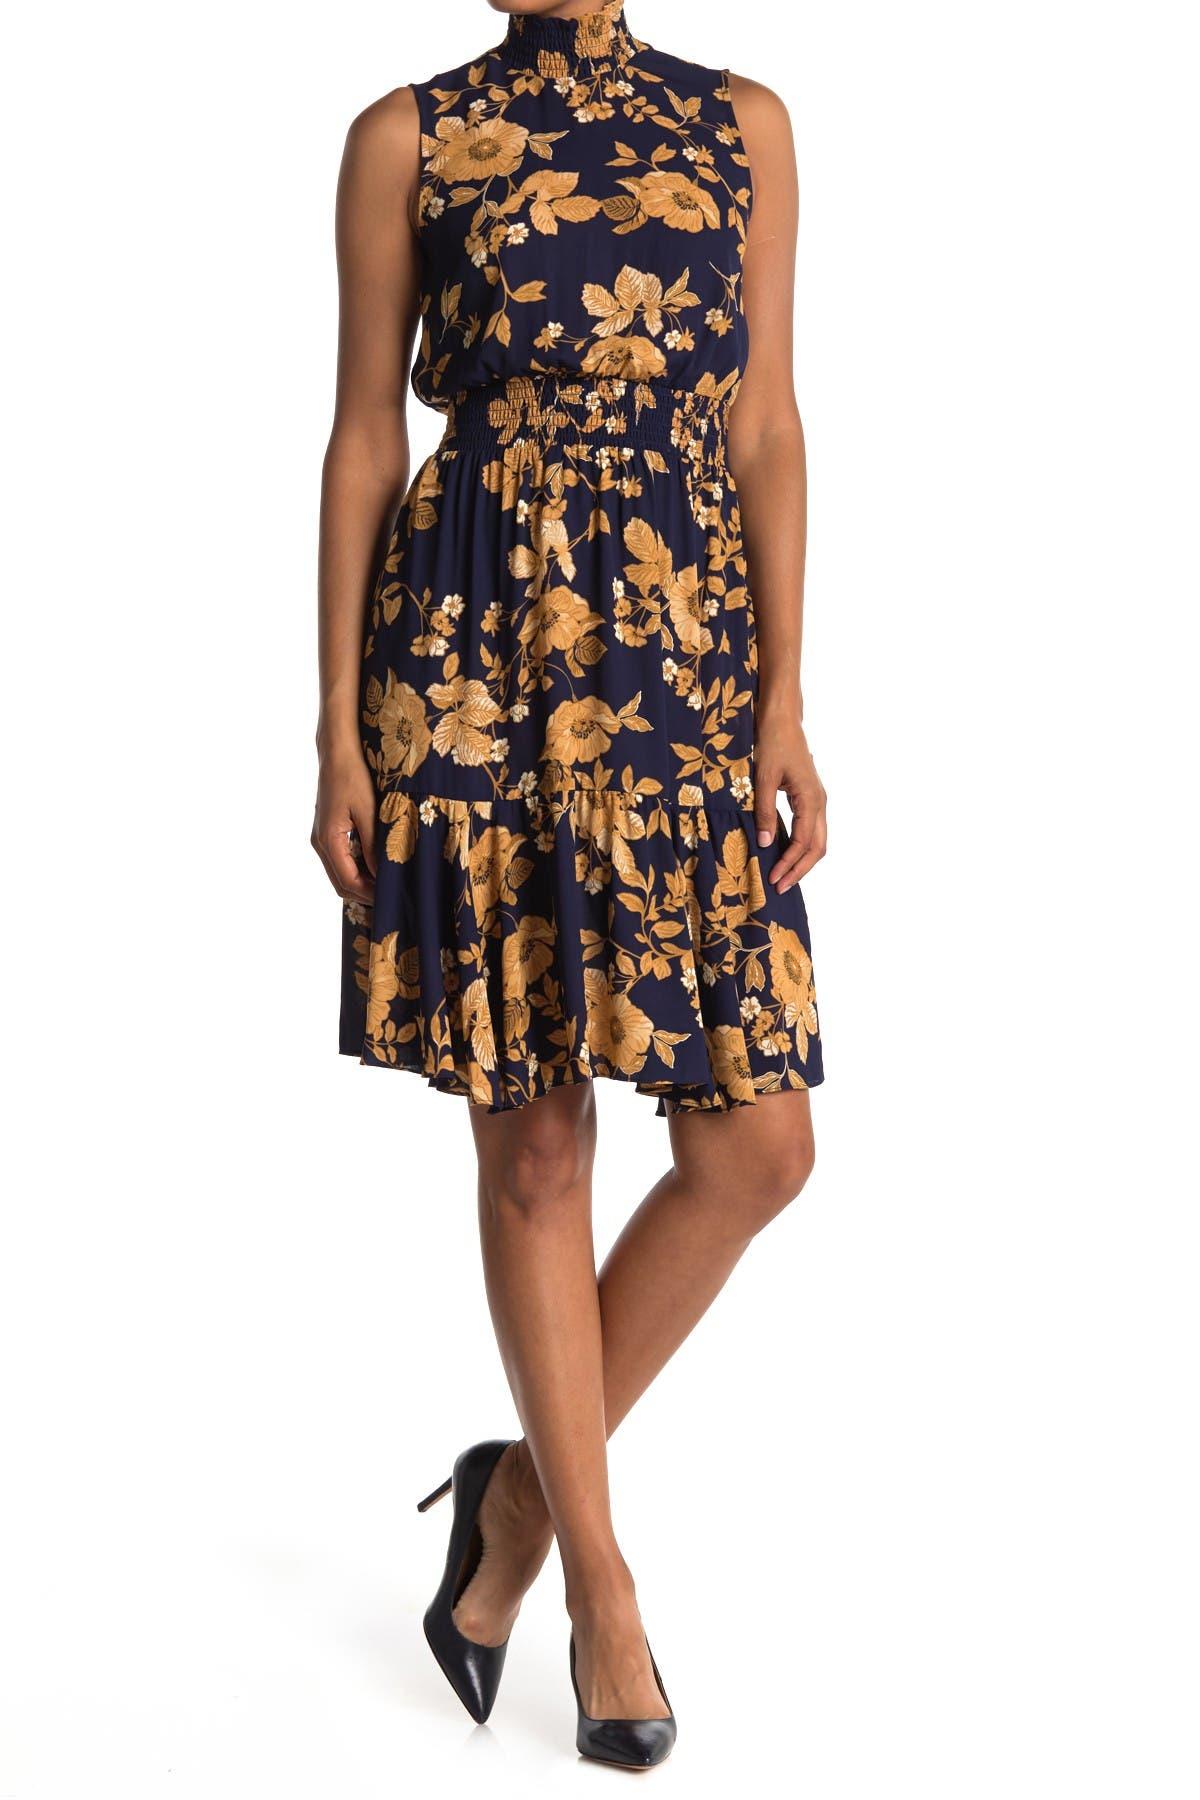 Image of NANETTE nanette lepore Sleeveless Smocked Neck Dress